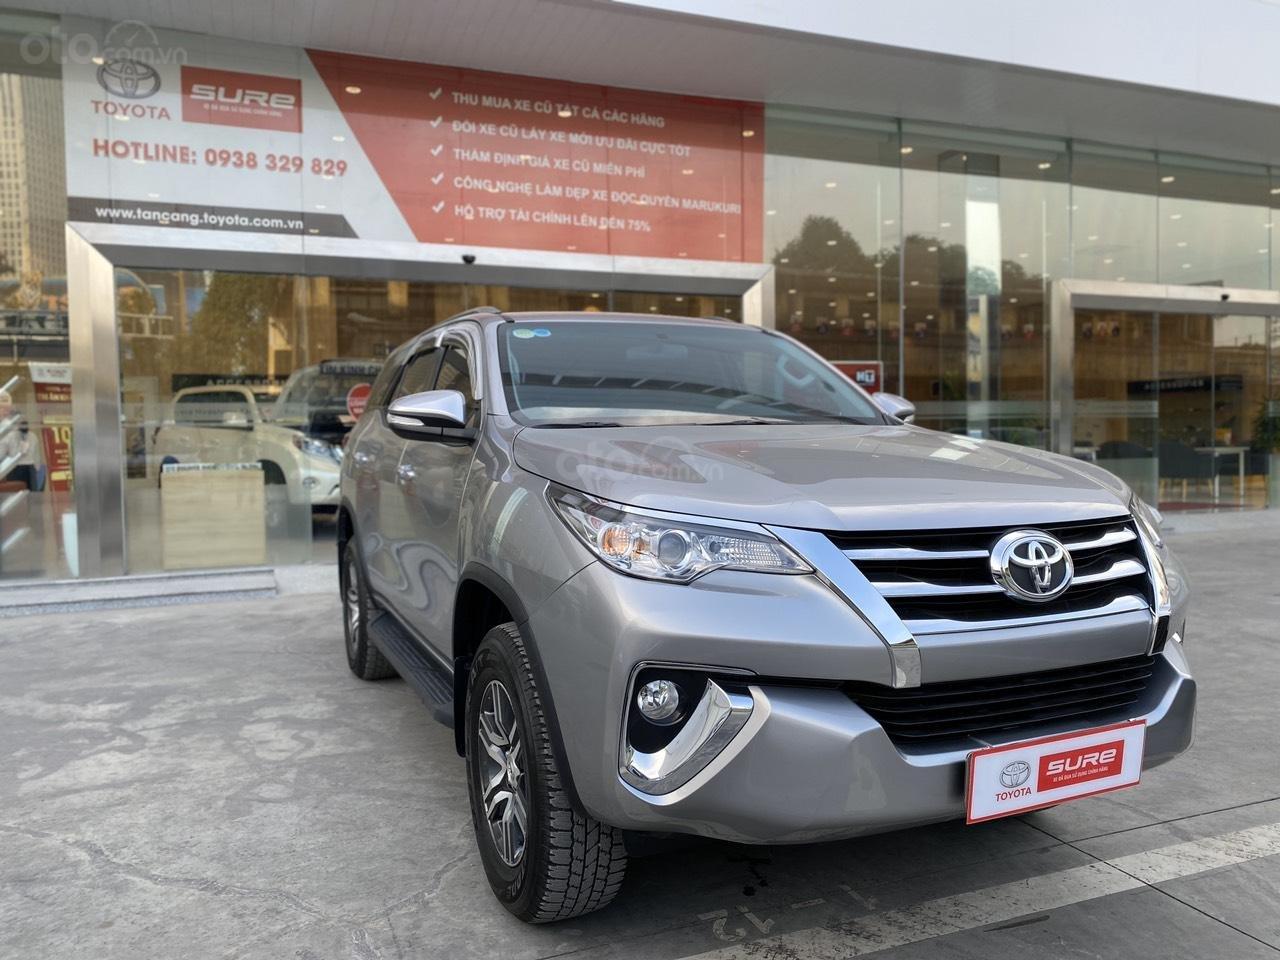 Bán Toyota Fortuner 2.7V 4x2 AT 2017, màu bạc, nhập khẩu, đi 23.000km giá 970tr (2)